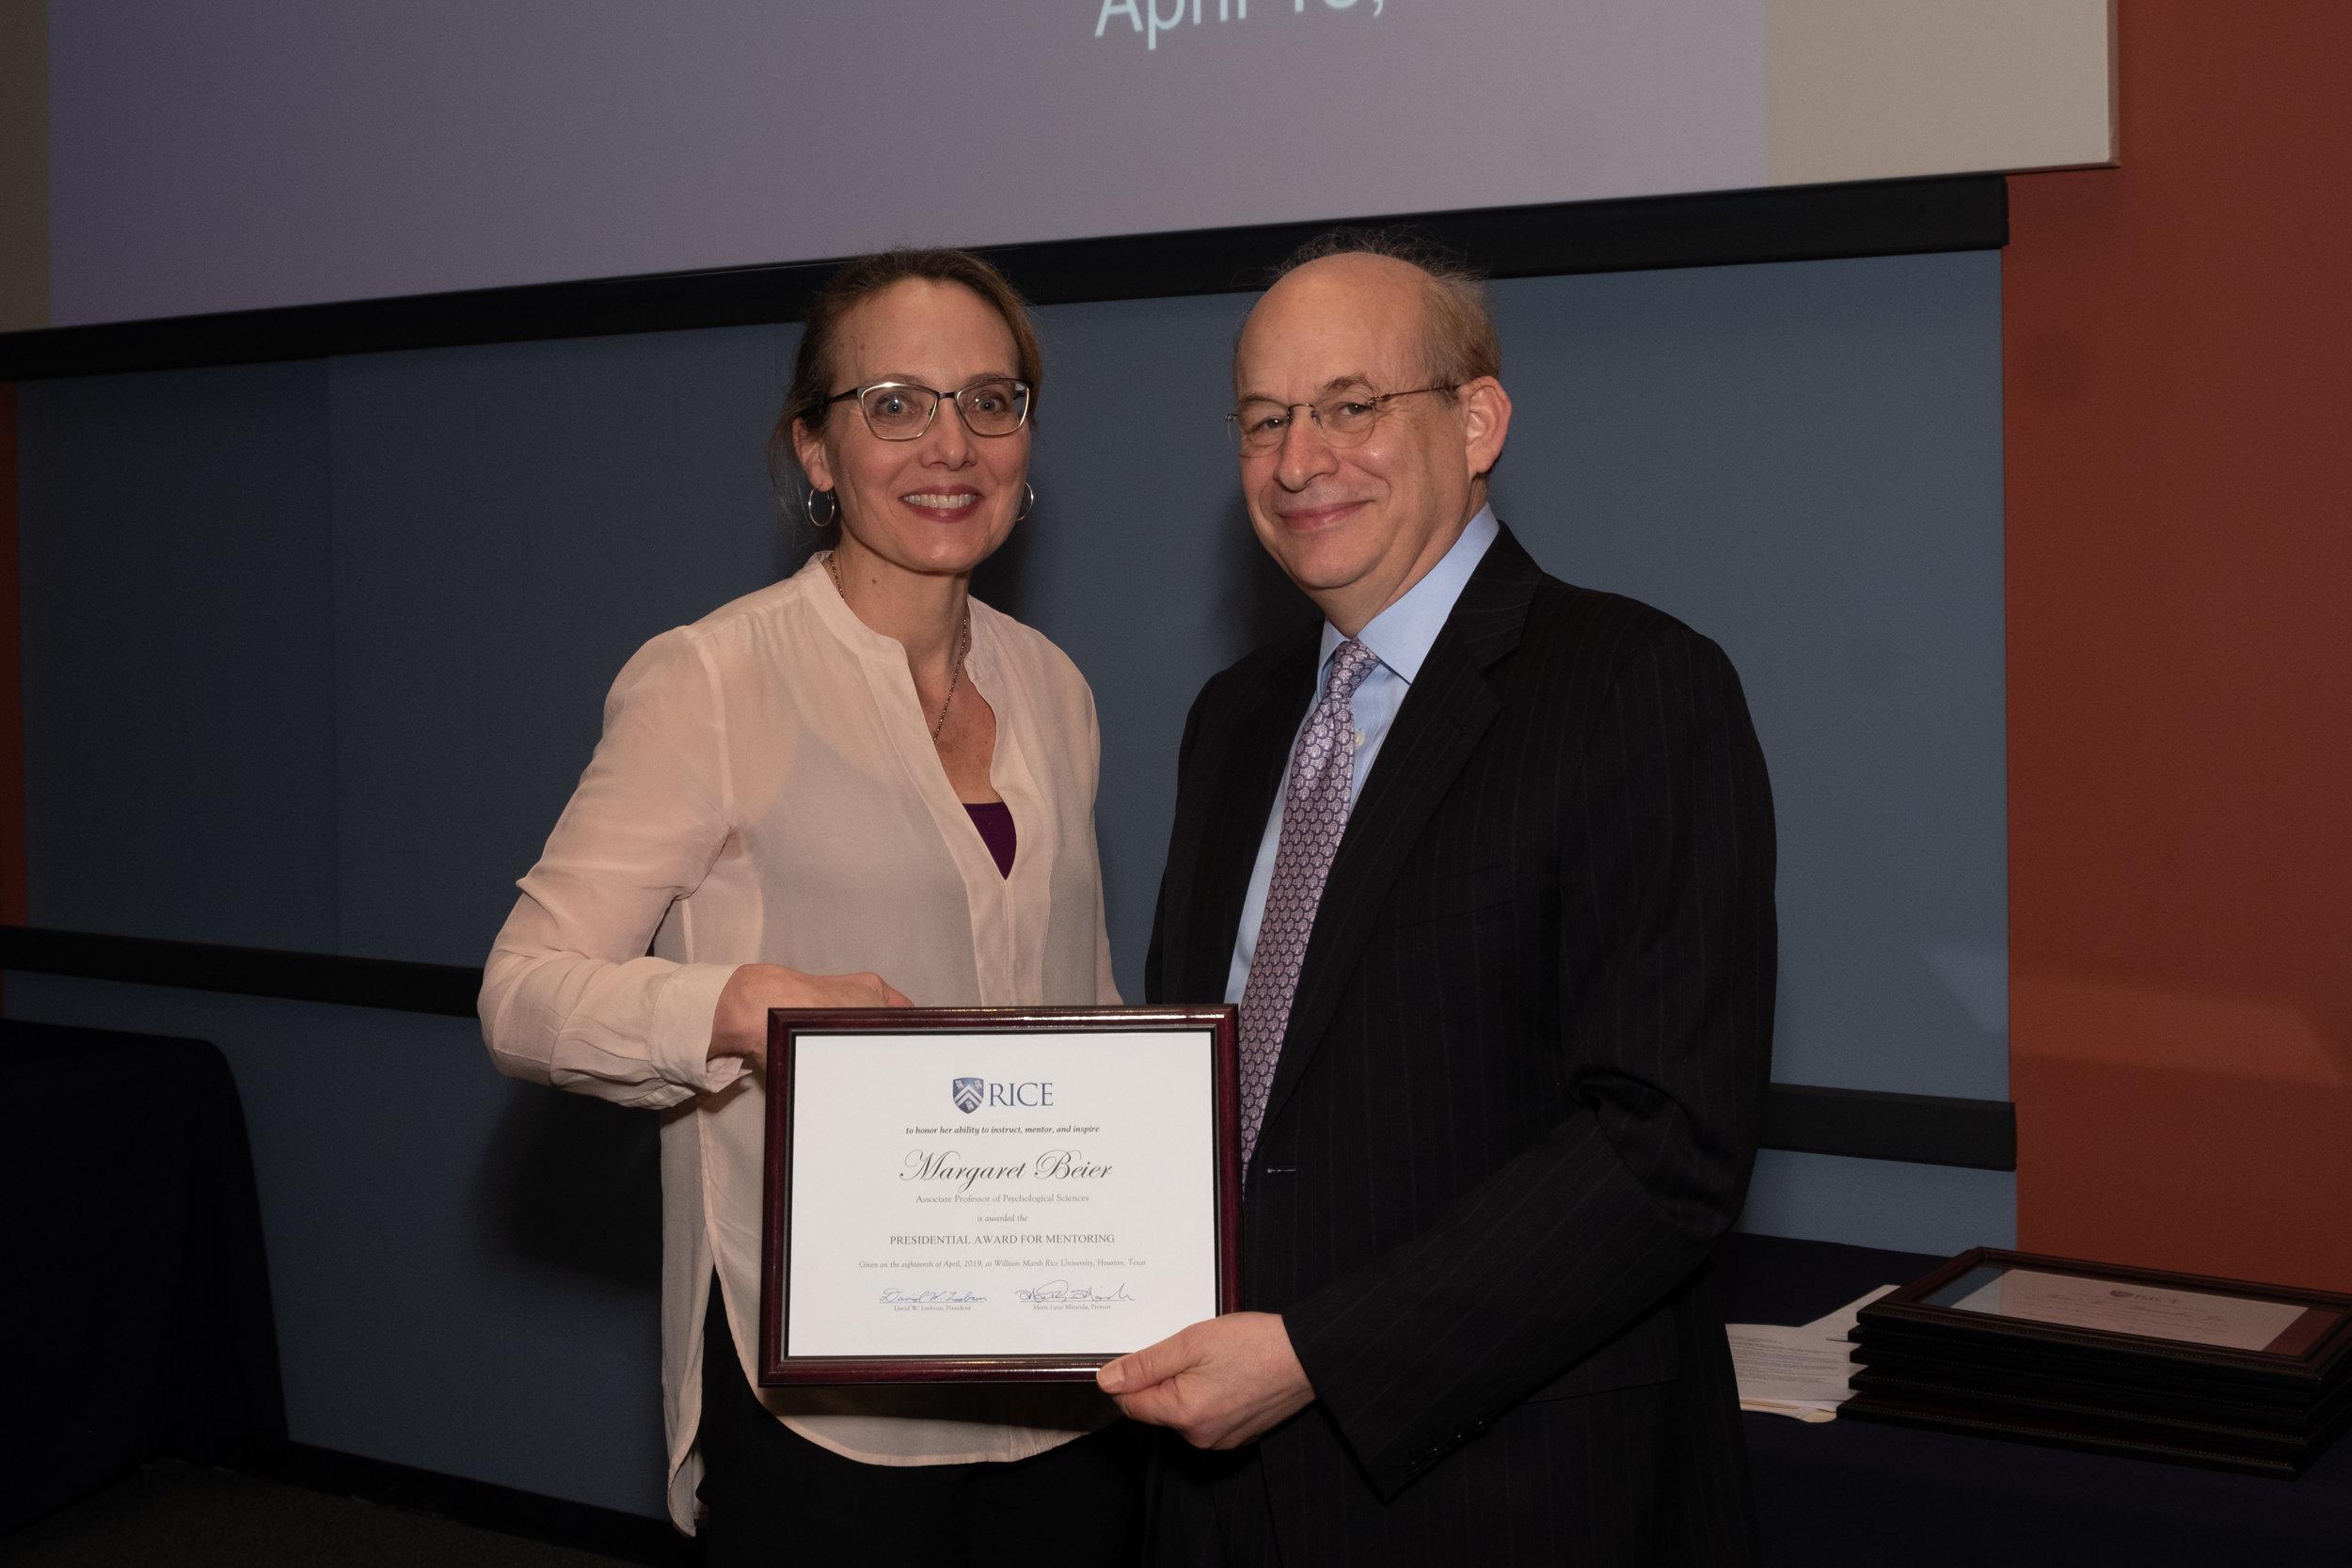 President Leebron & Margaret Beier, Presidential Award for Mentoring